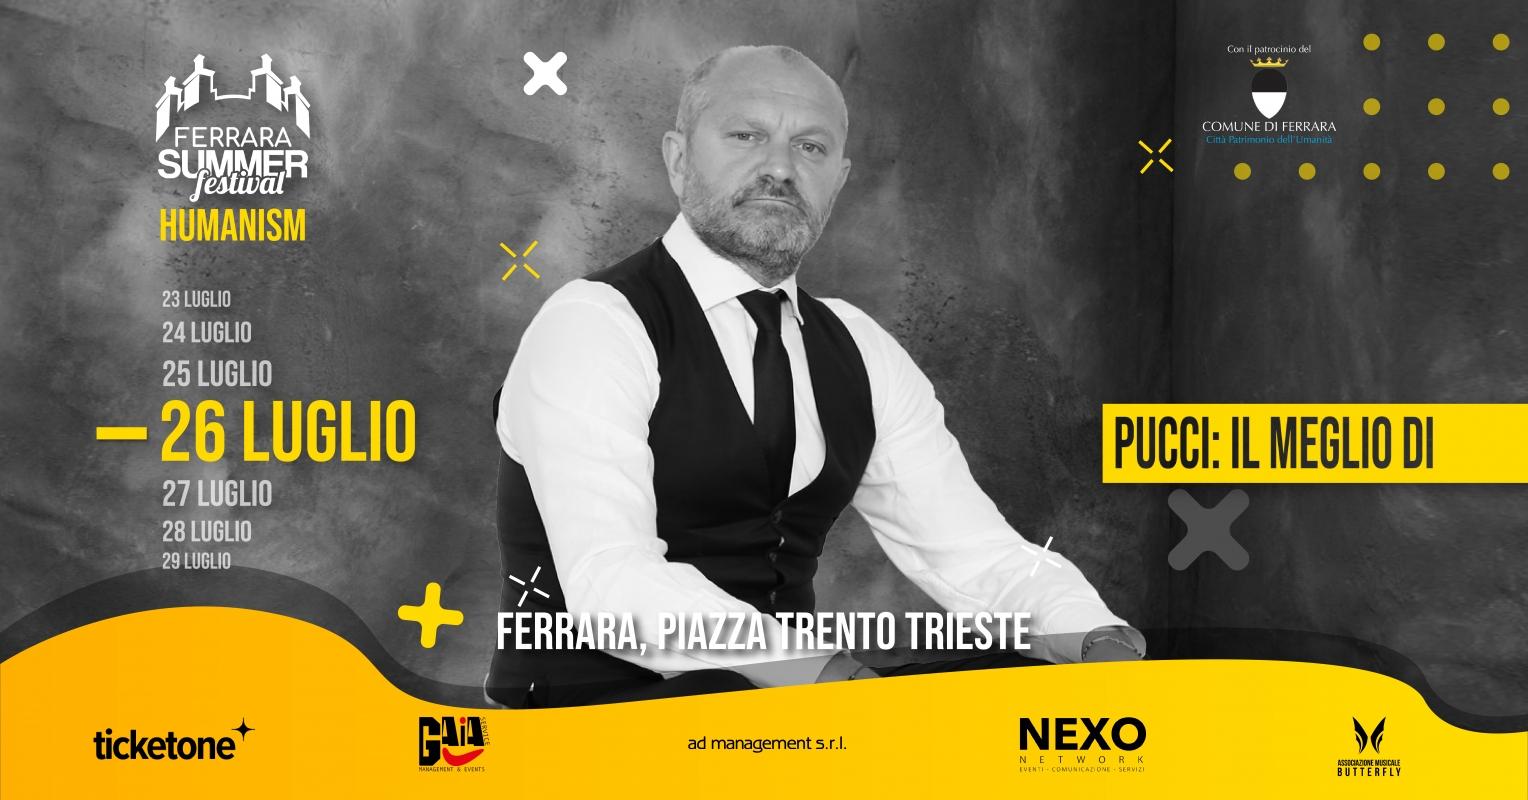 Ferrara Summer festival - Pucci: il meglio di.